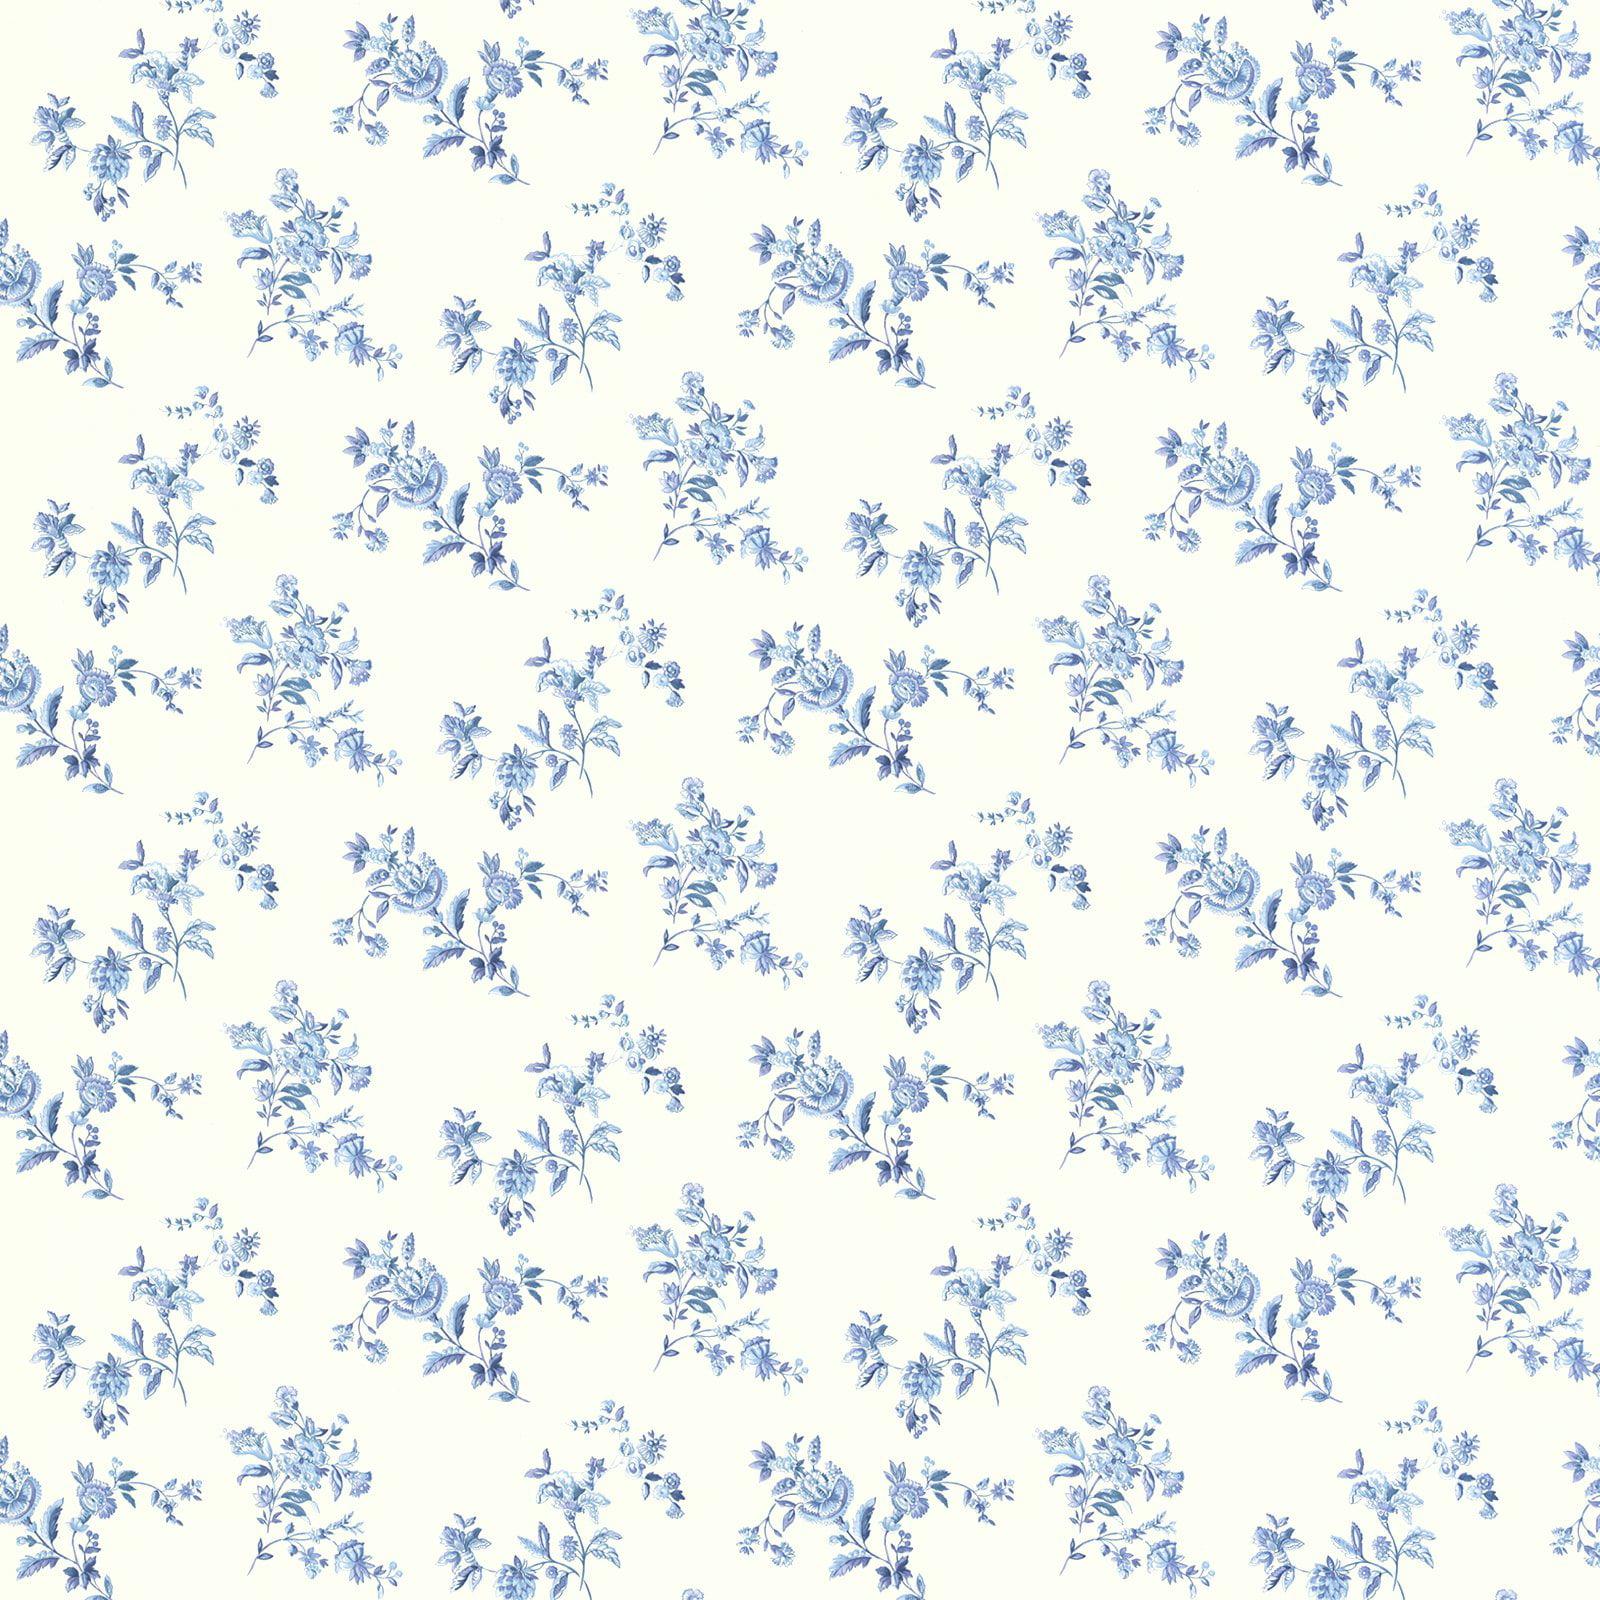 Brewster Waverly Floral Bouquet Wallpaper Walmart Com Walmart Com